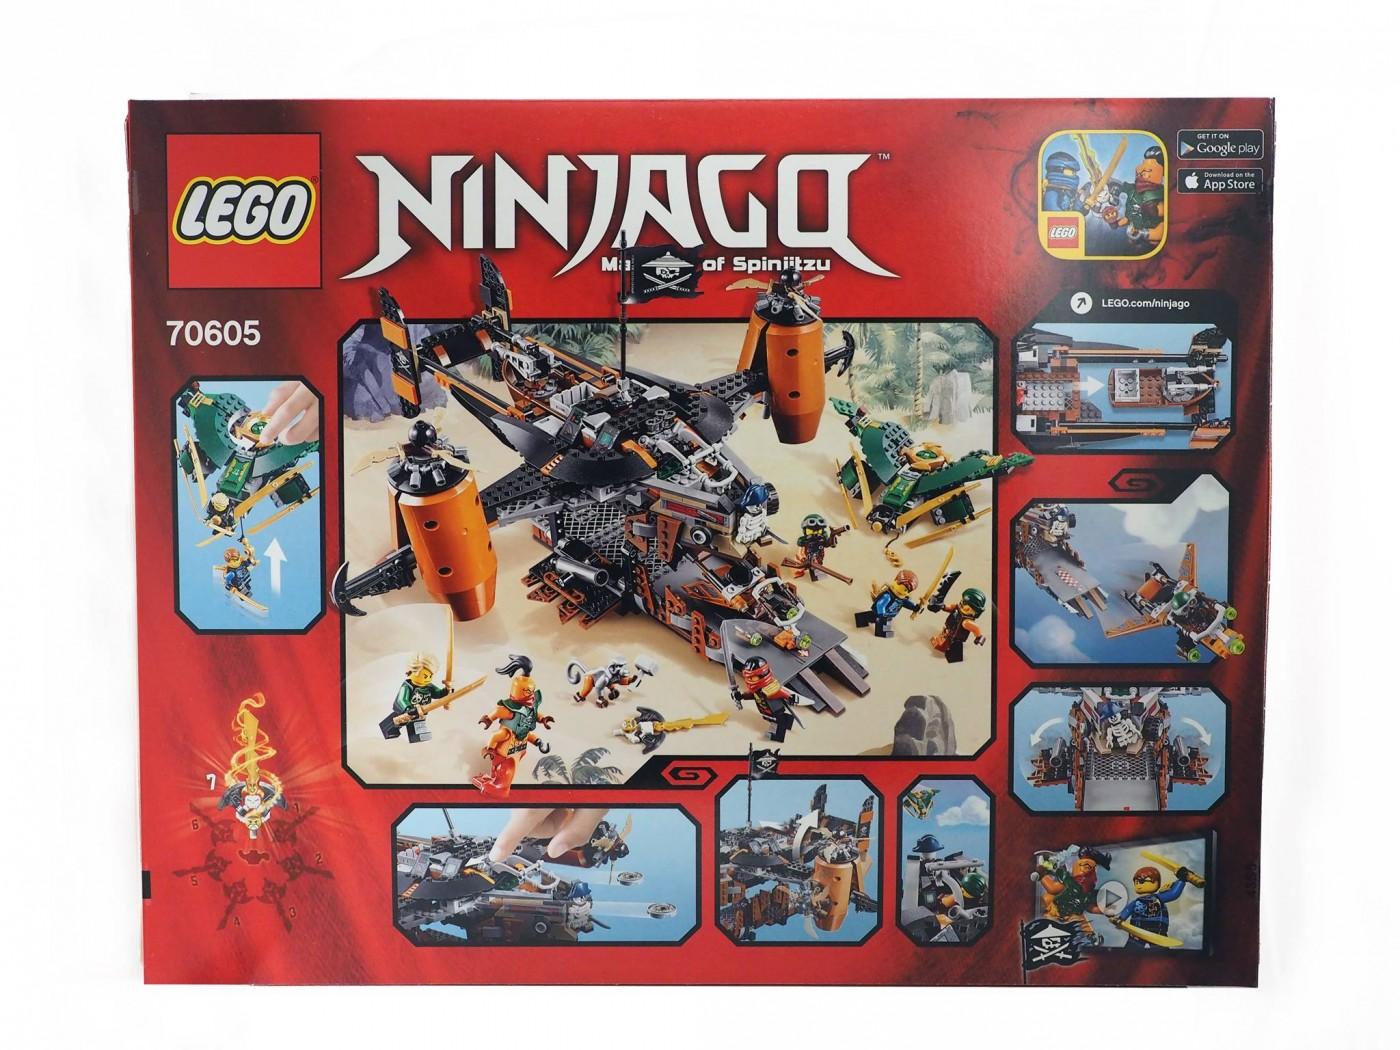 lego ninjago misfortunes keep 70605 review 2 - Lego Ninja Go